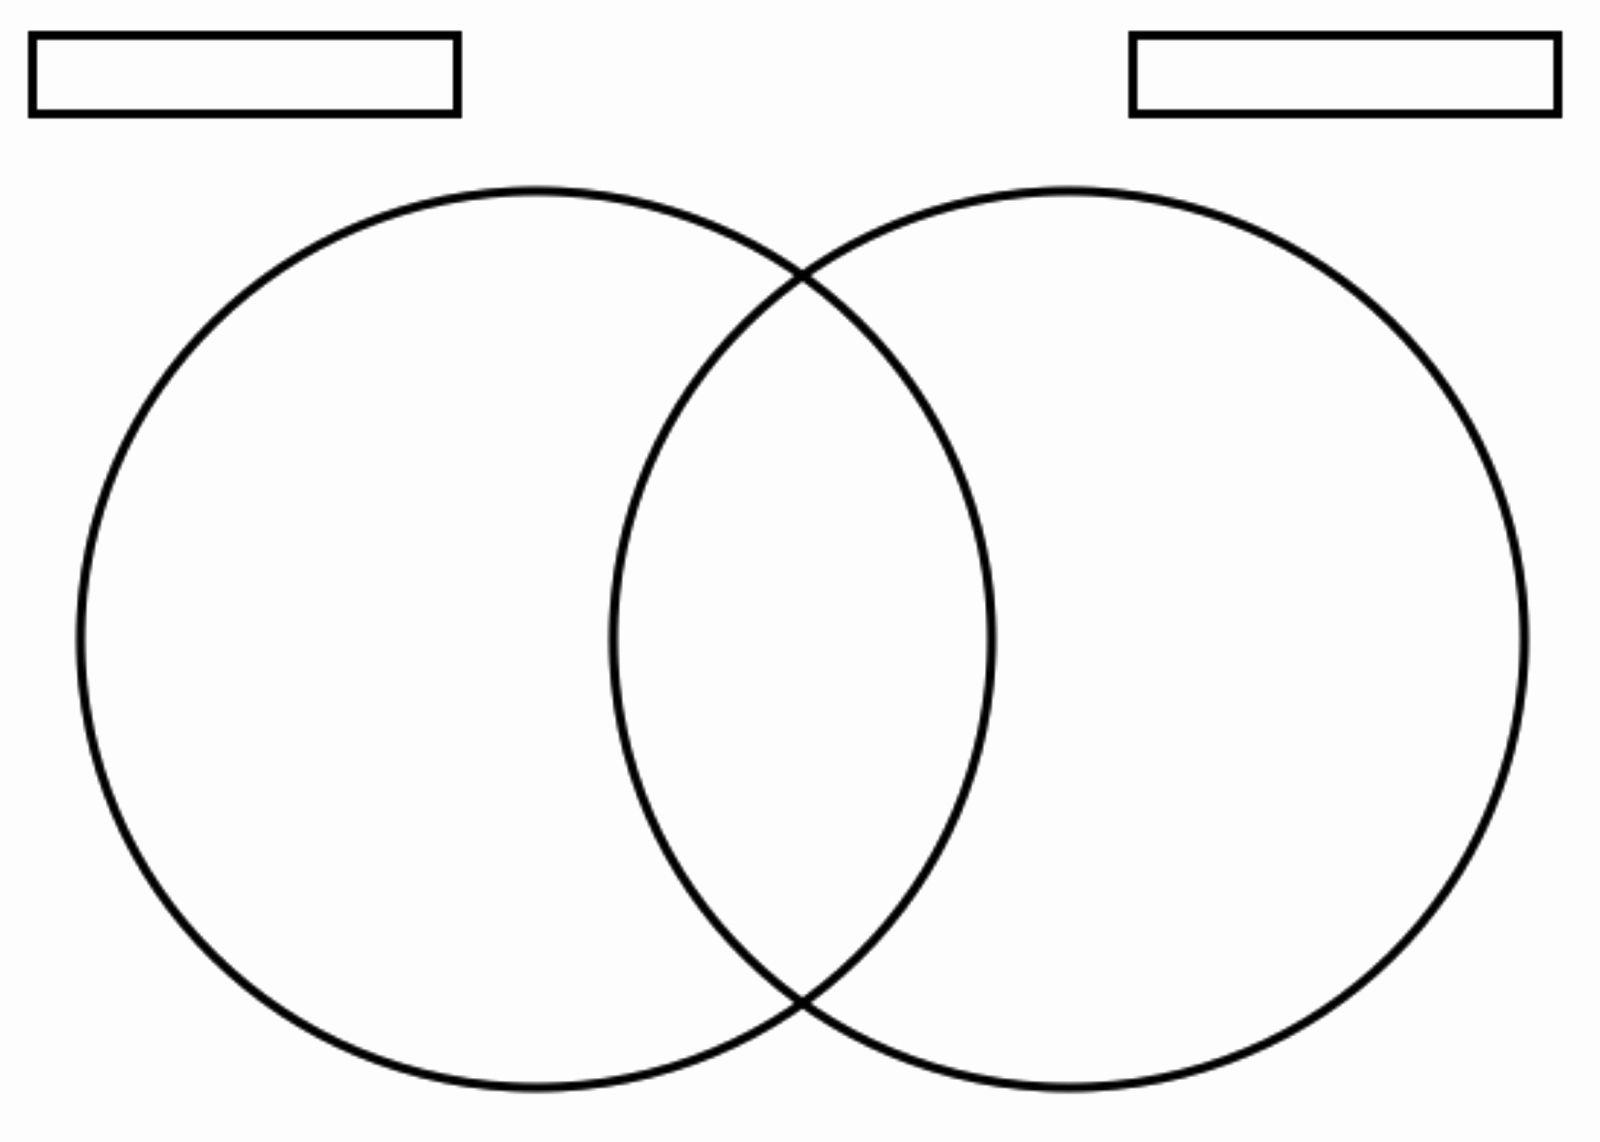 Venn Diagram Template Word Beautiful Venn Diagram Template